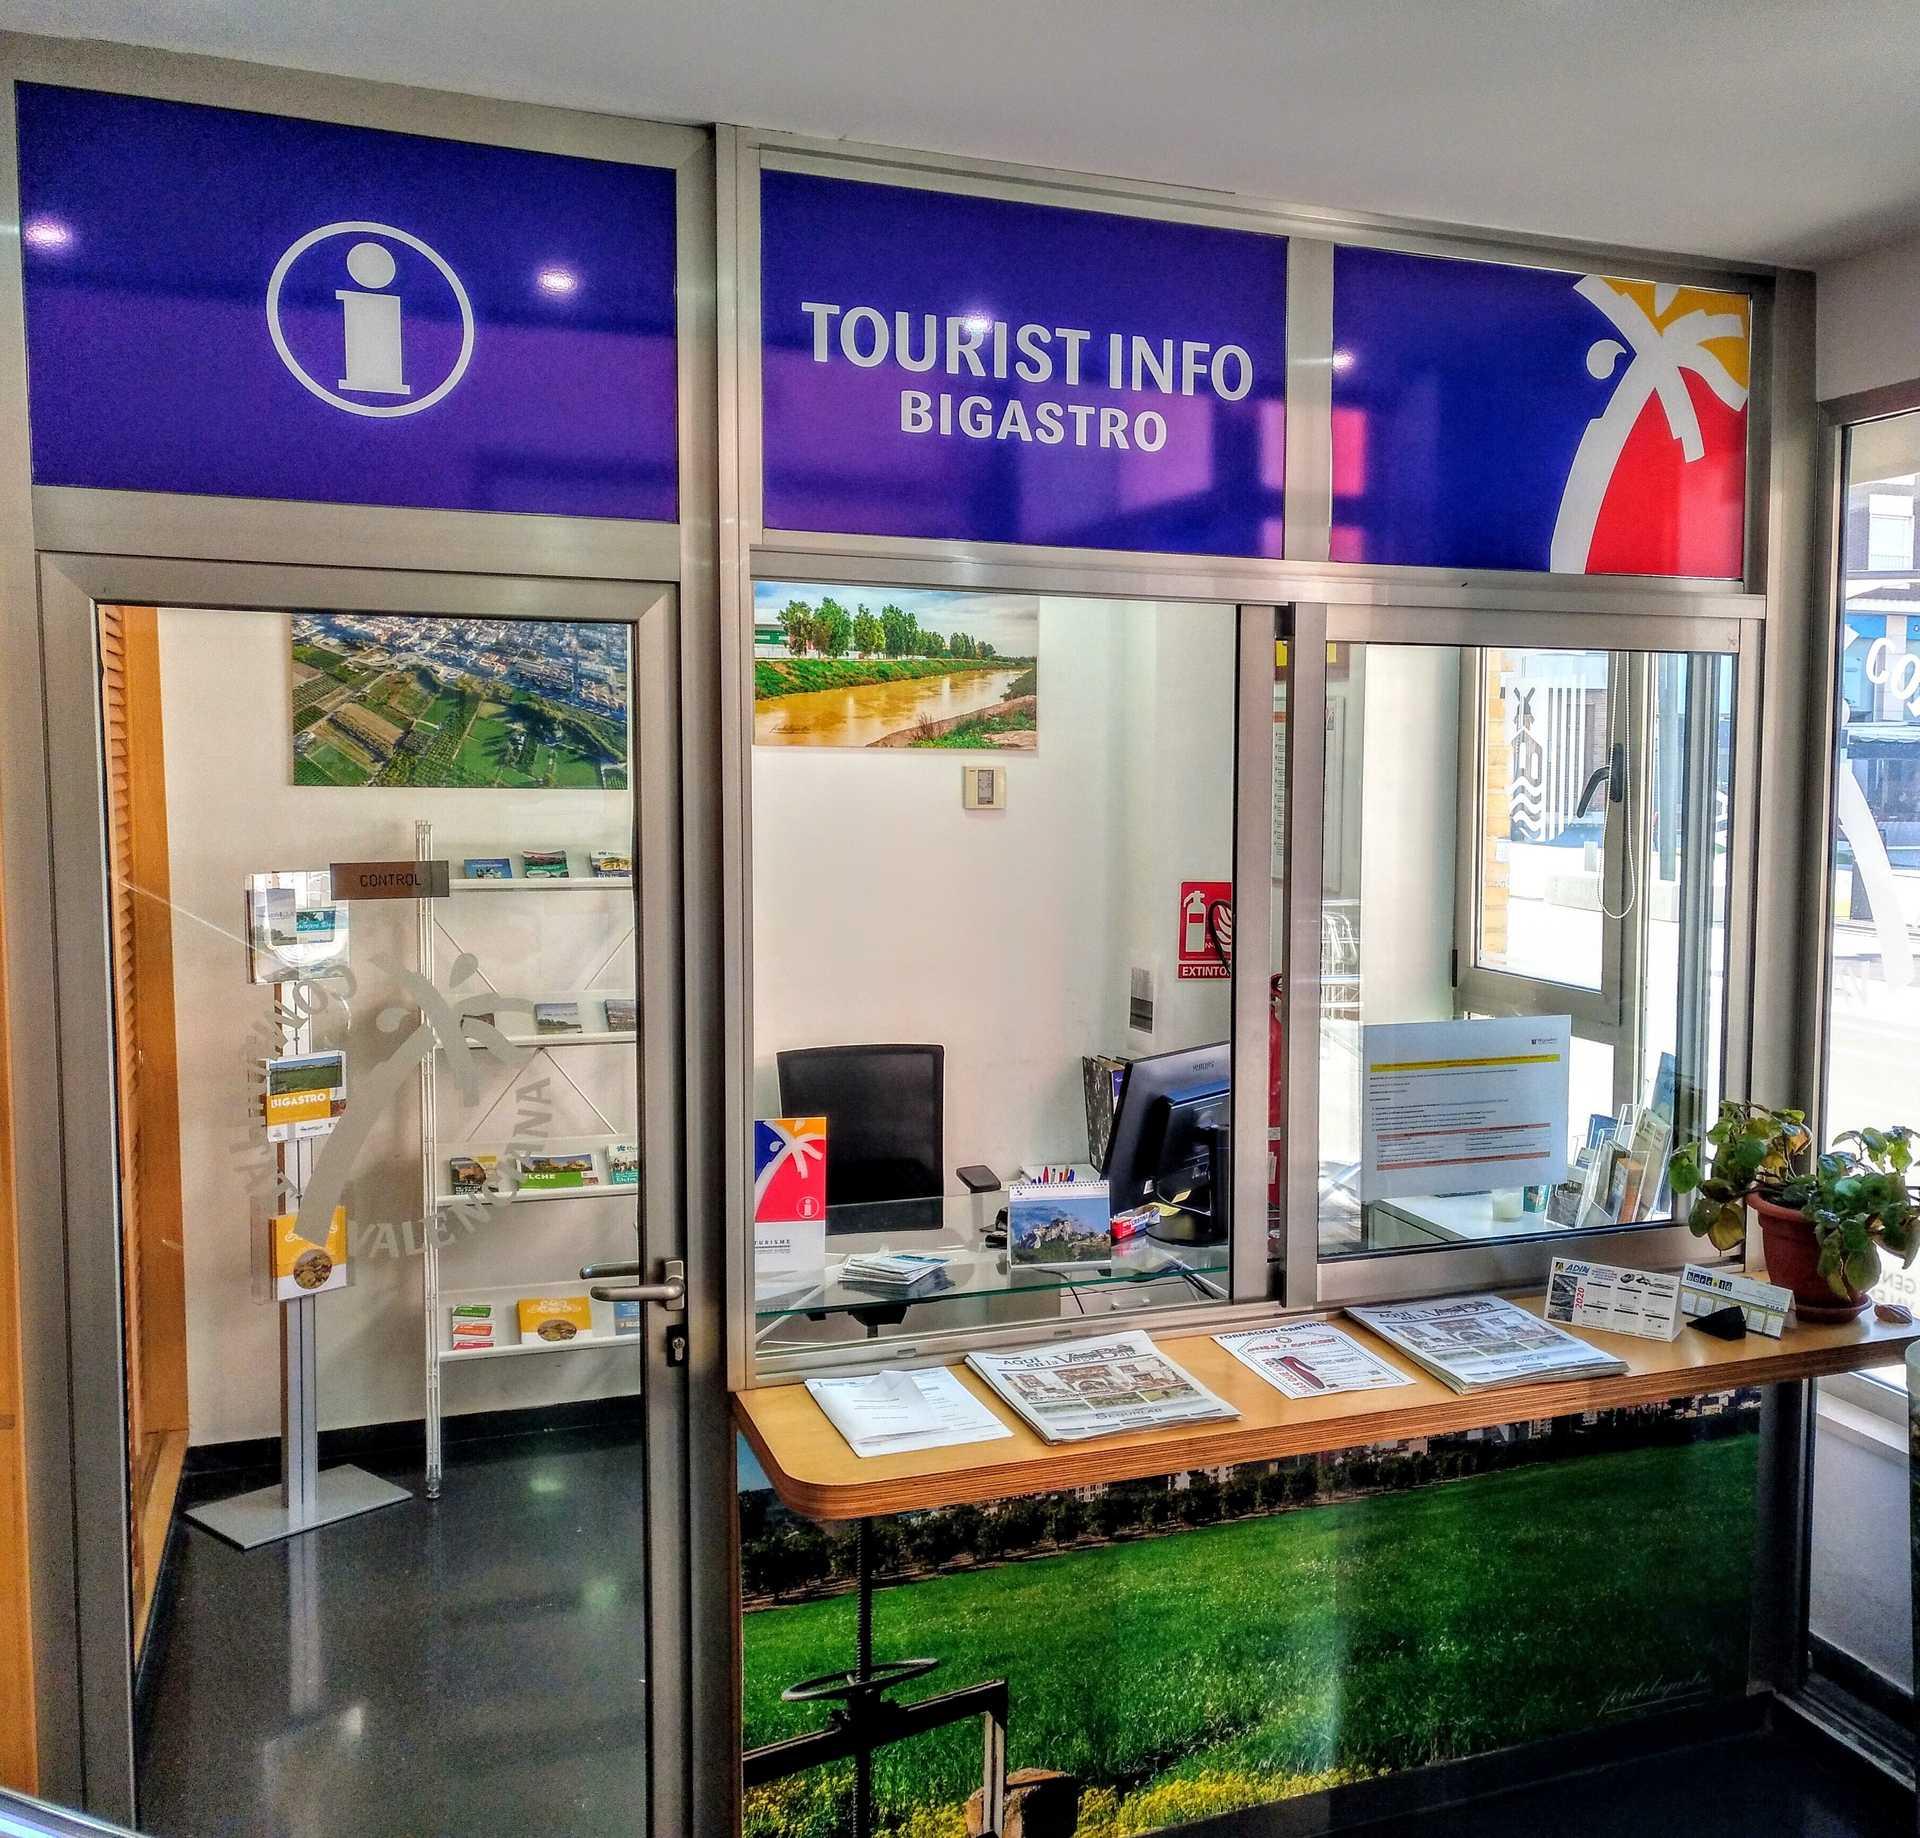 TOURIST INFO BIGASTRO